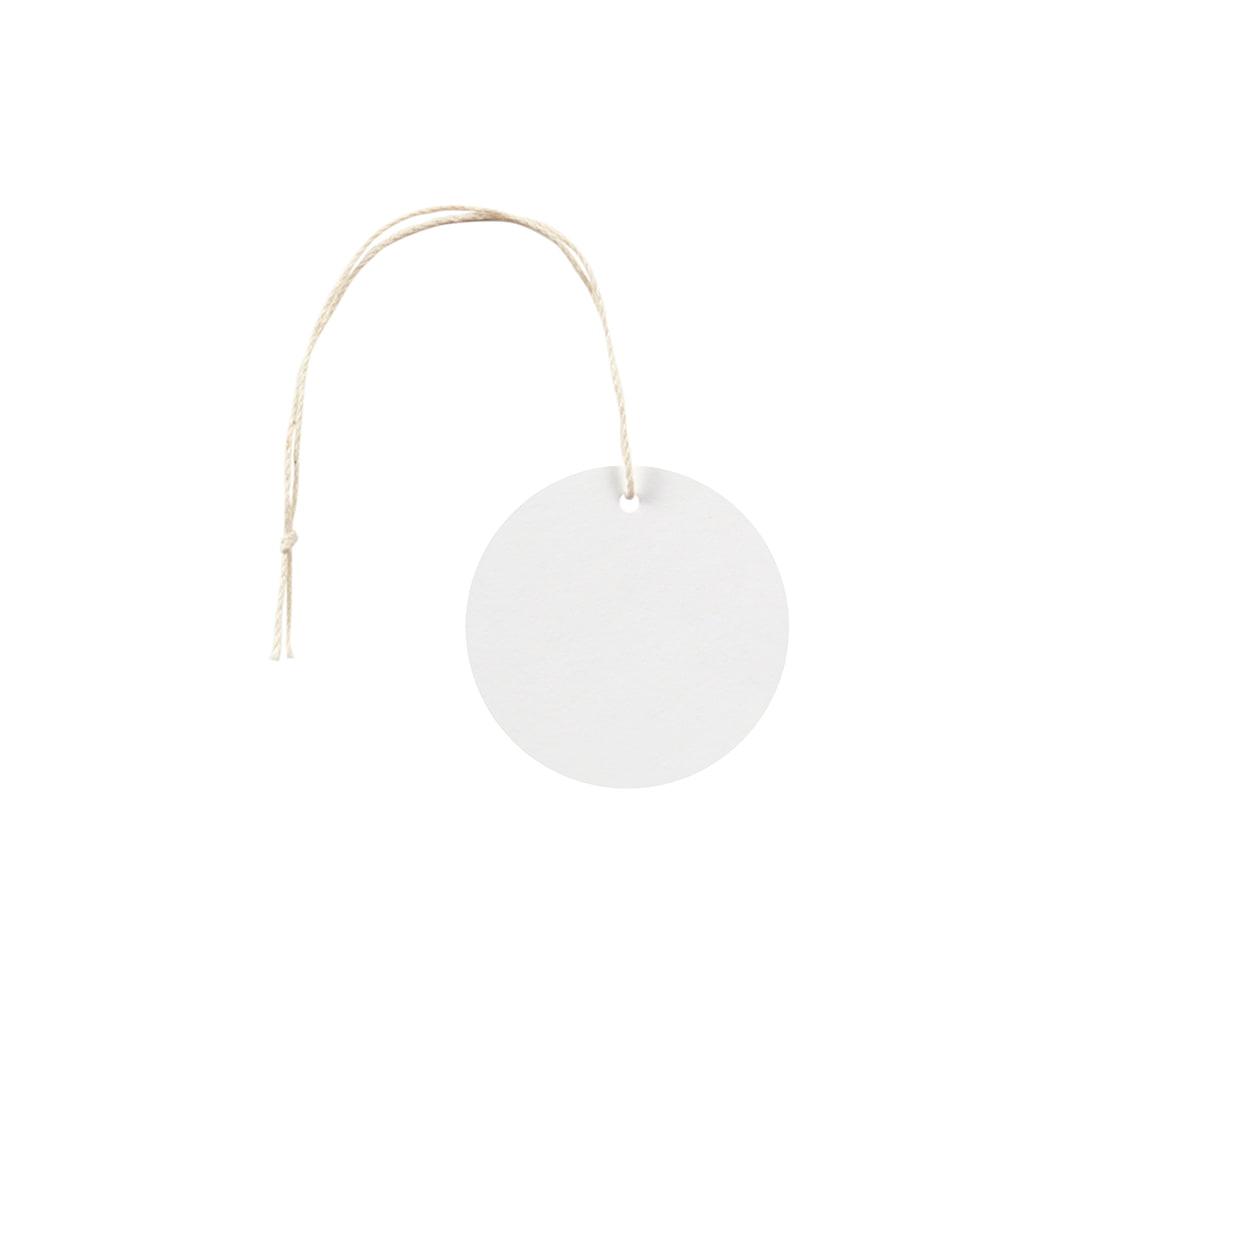 タグS884変形 コットンスノーホワイト 232.8g タグ紐(細)コットン生成